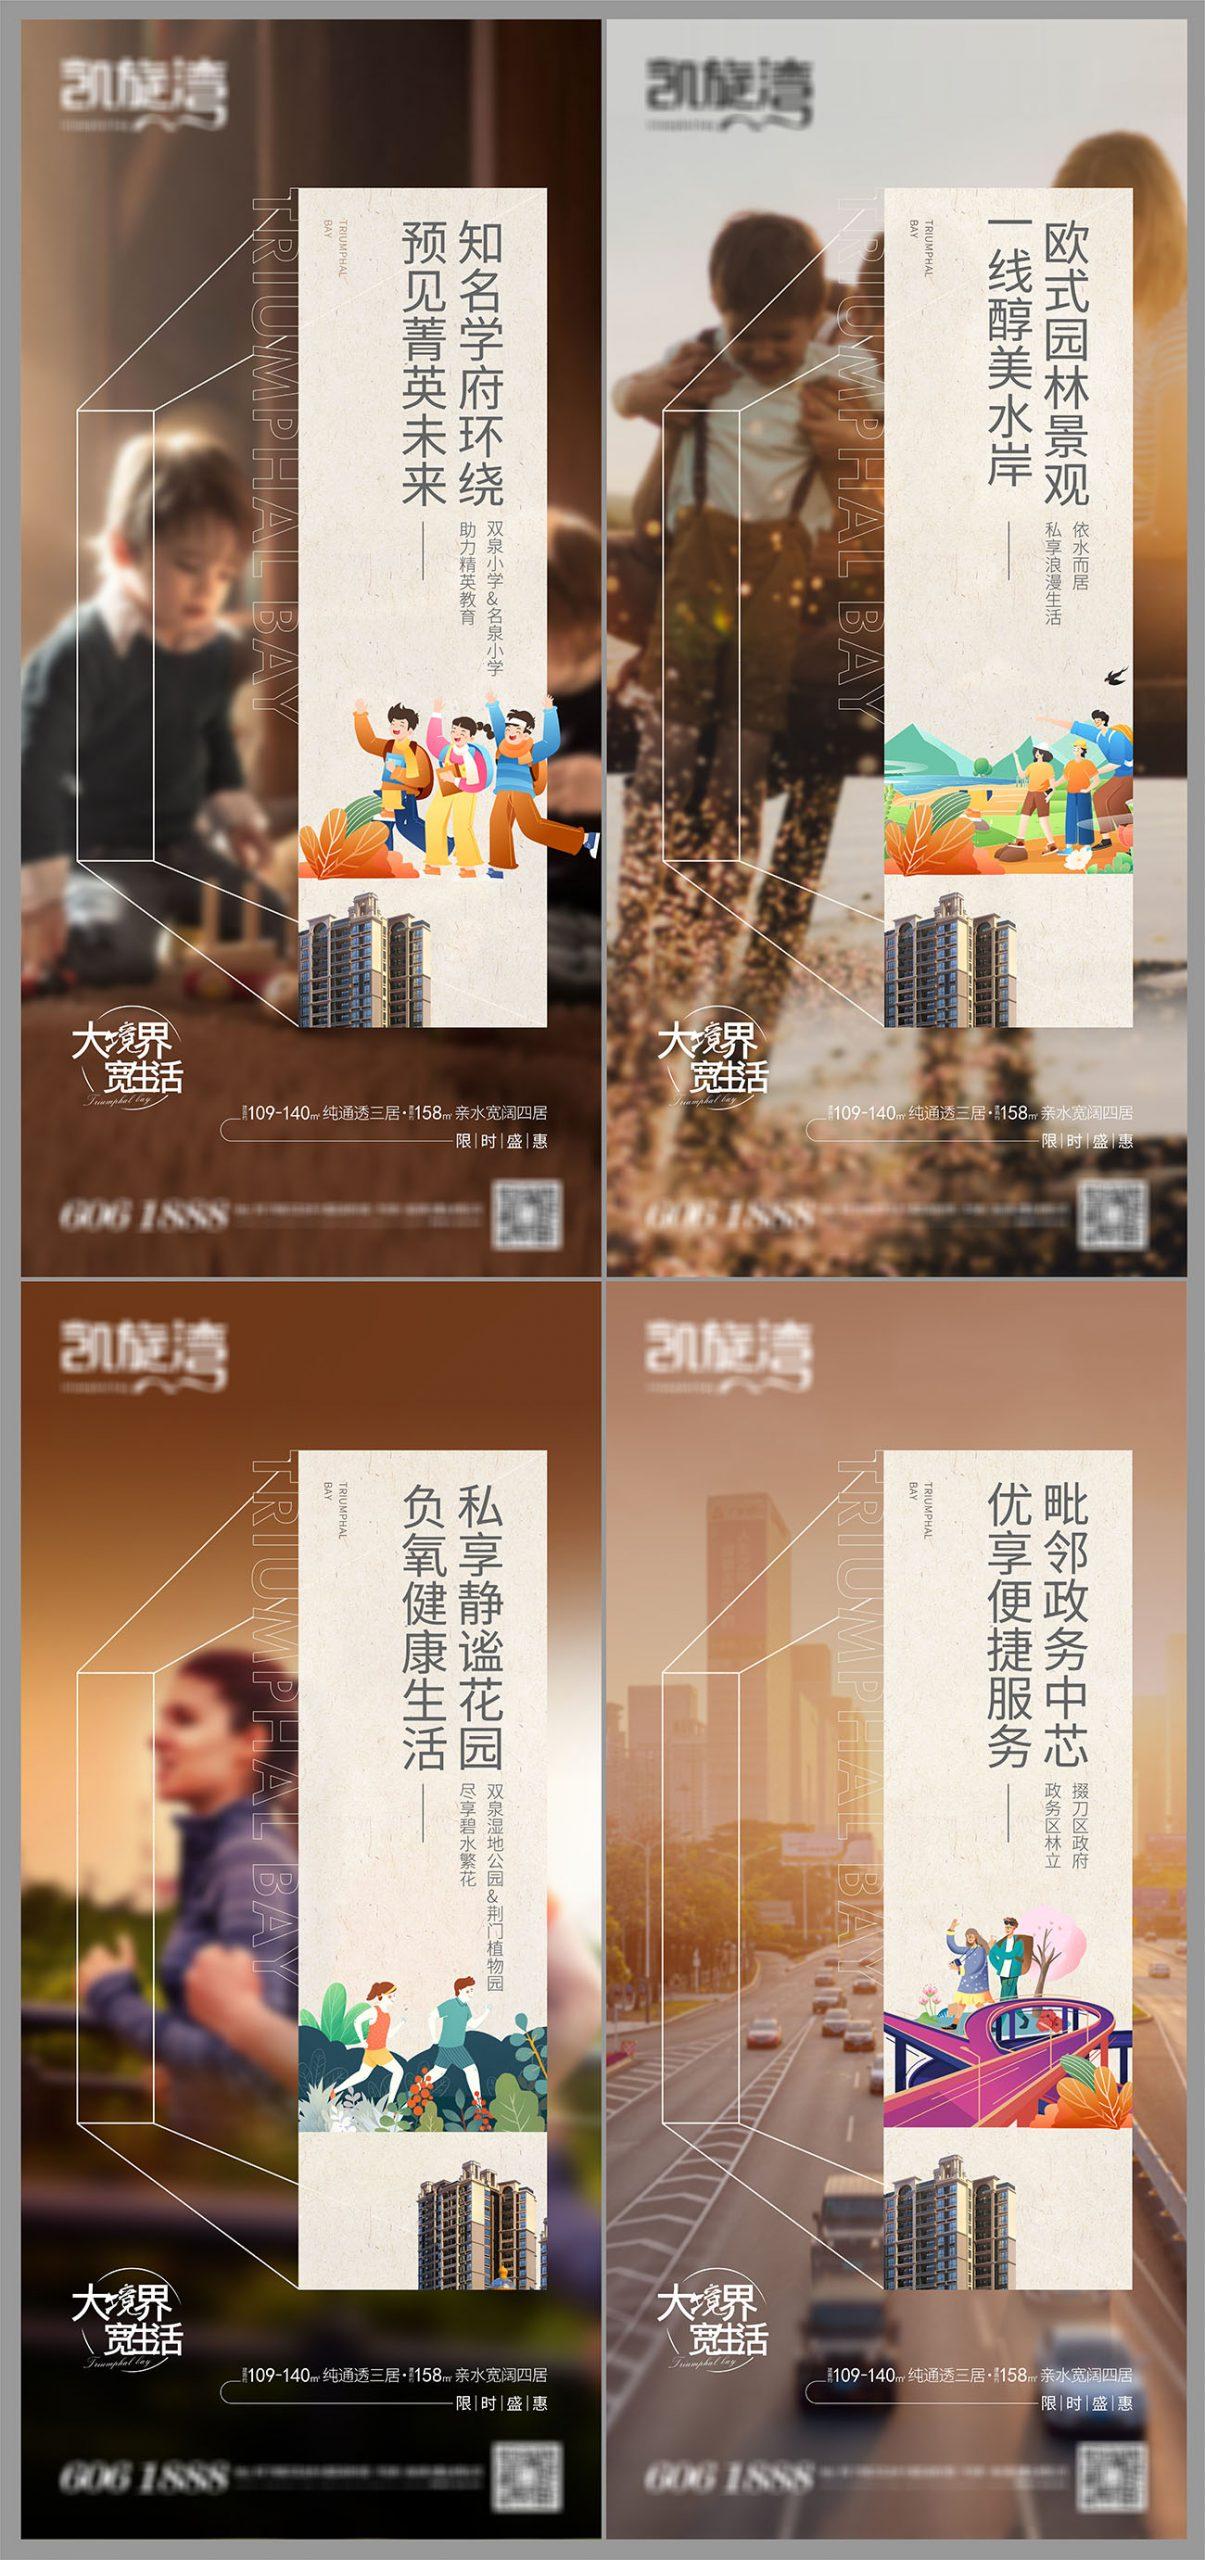 地产配套价值点系列海报CDR源文件插图